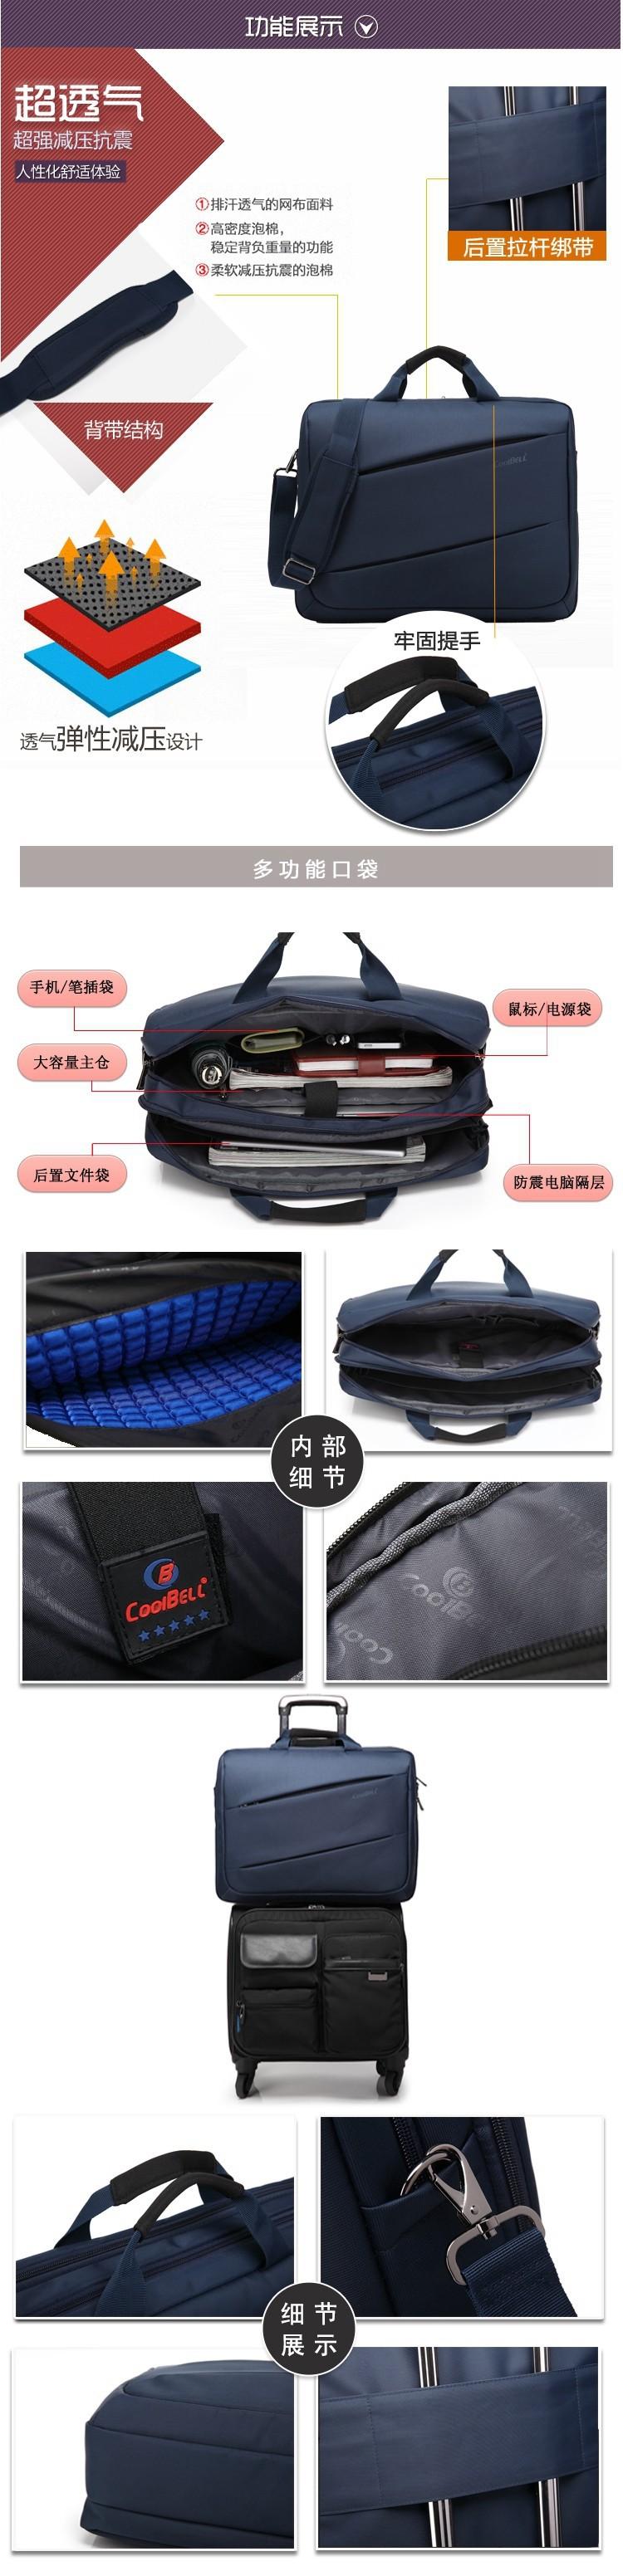 17 inch Large Space Laptop Shoulder Bag For Macbook Dell Lenovo Notebook Computer Messenger Case Bag